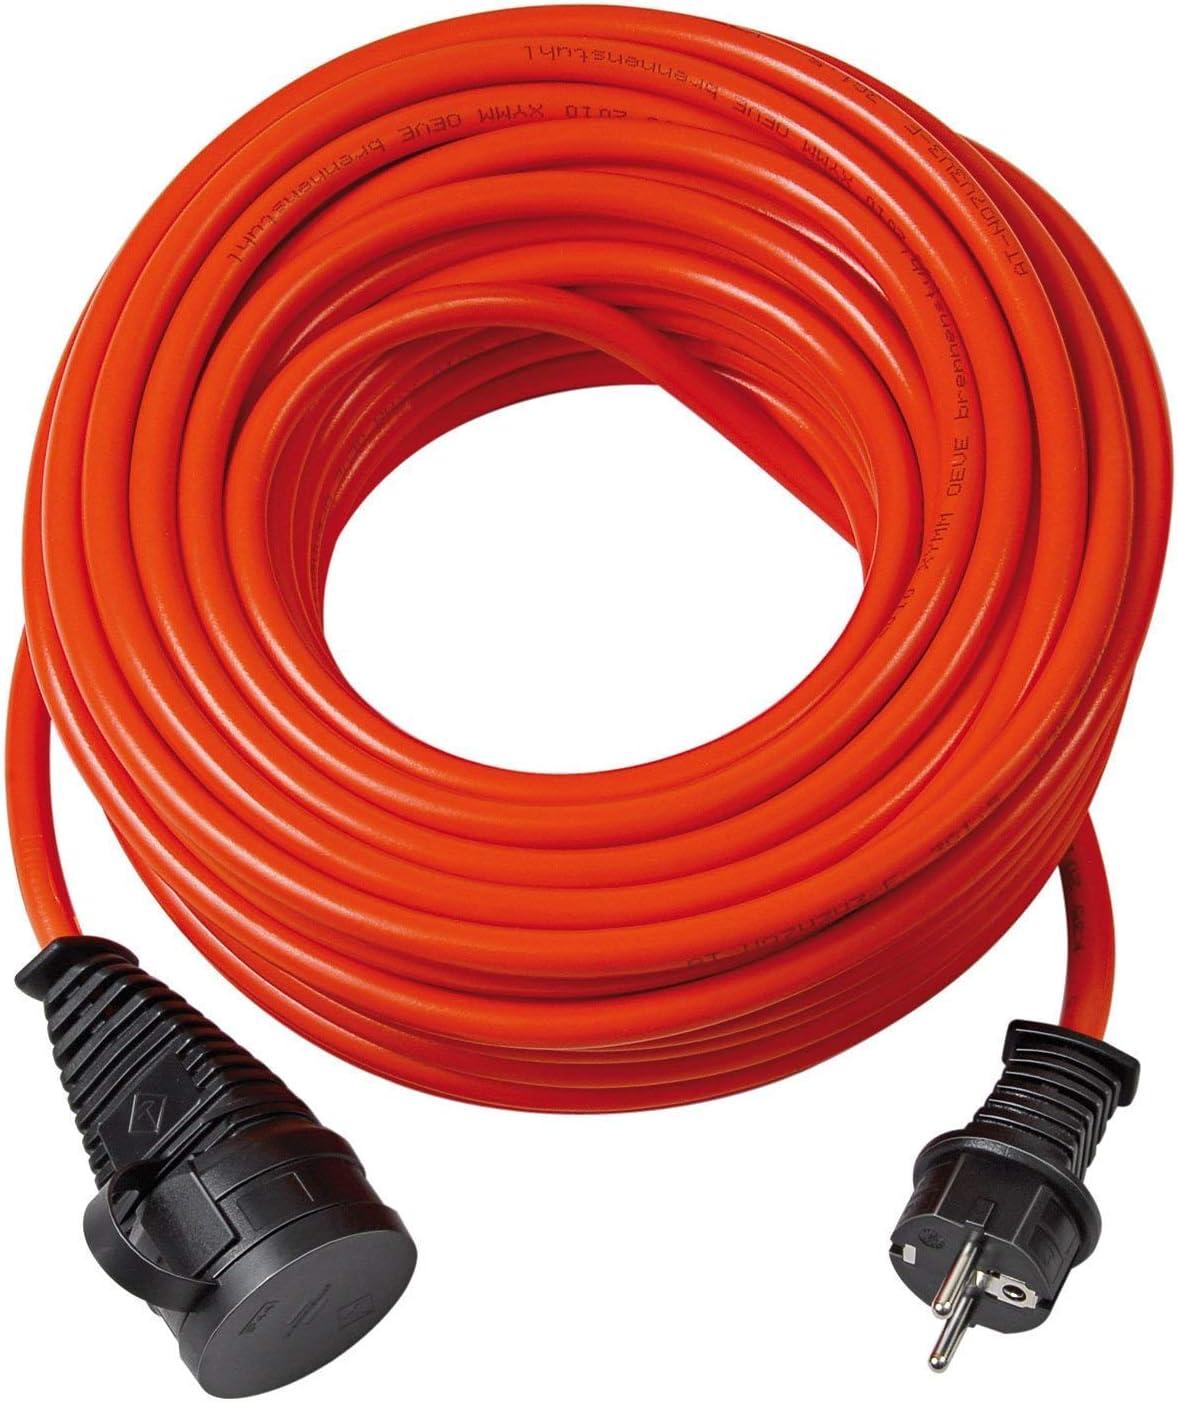 Brennenstuhl 1161590 Bremaxx, Cable alargador de Corriente, Uso Corto en Exteriores hasta-35°C, Resistente al Aceite, naranja, 10m